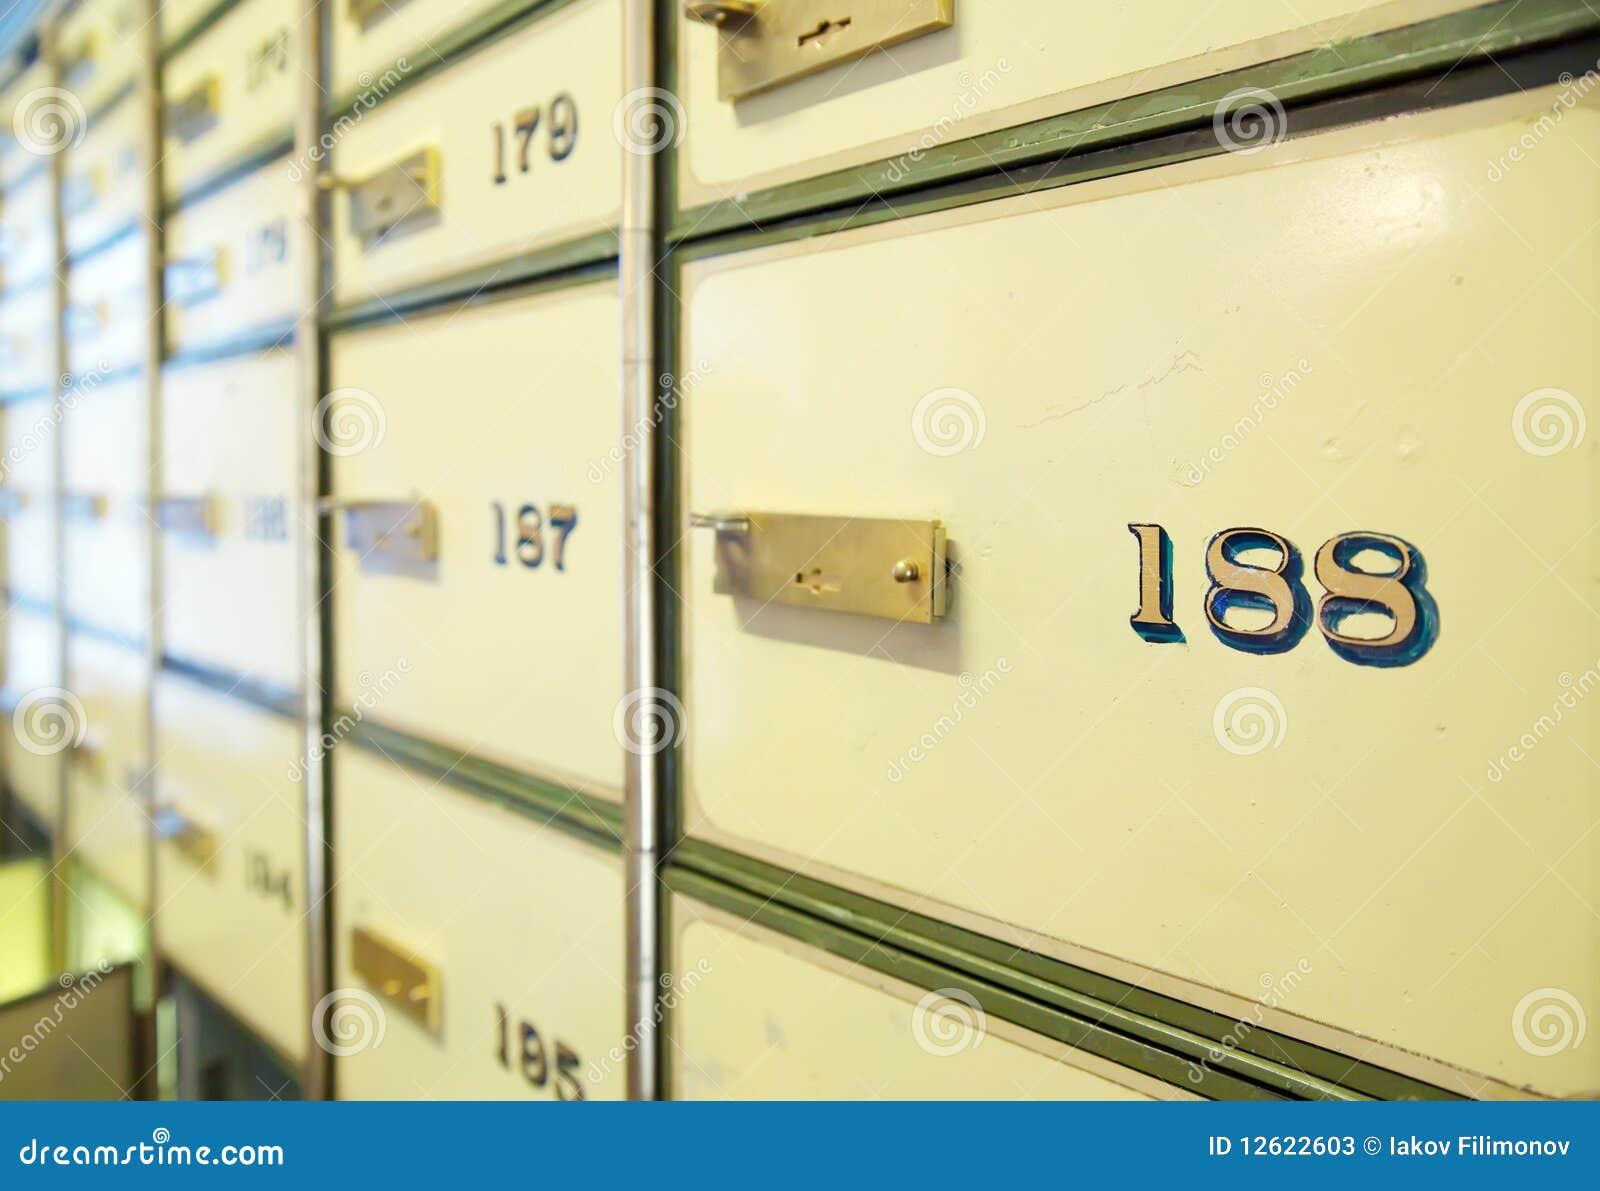 vintage-safe-deposit-boxes-12622603.jpg